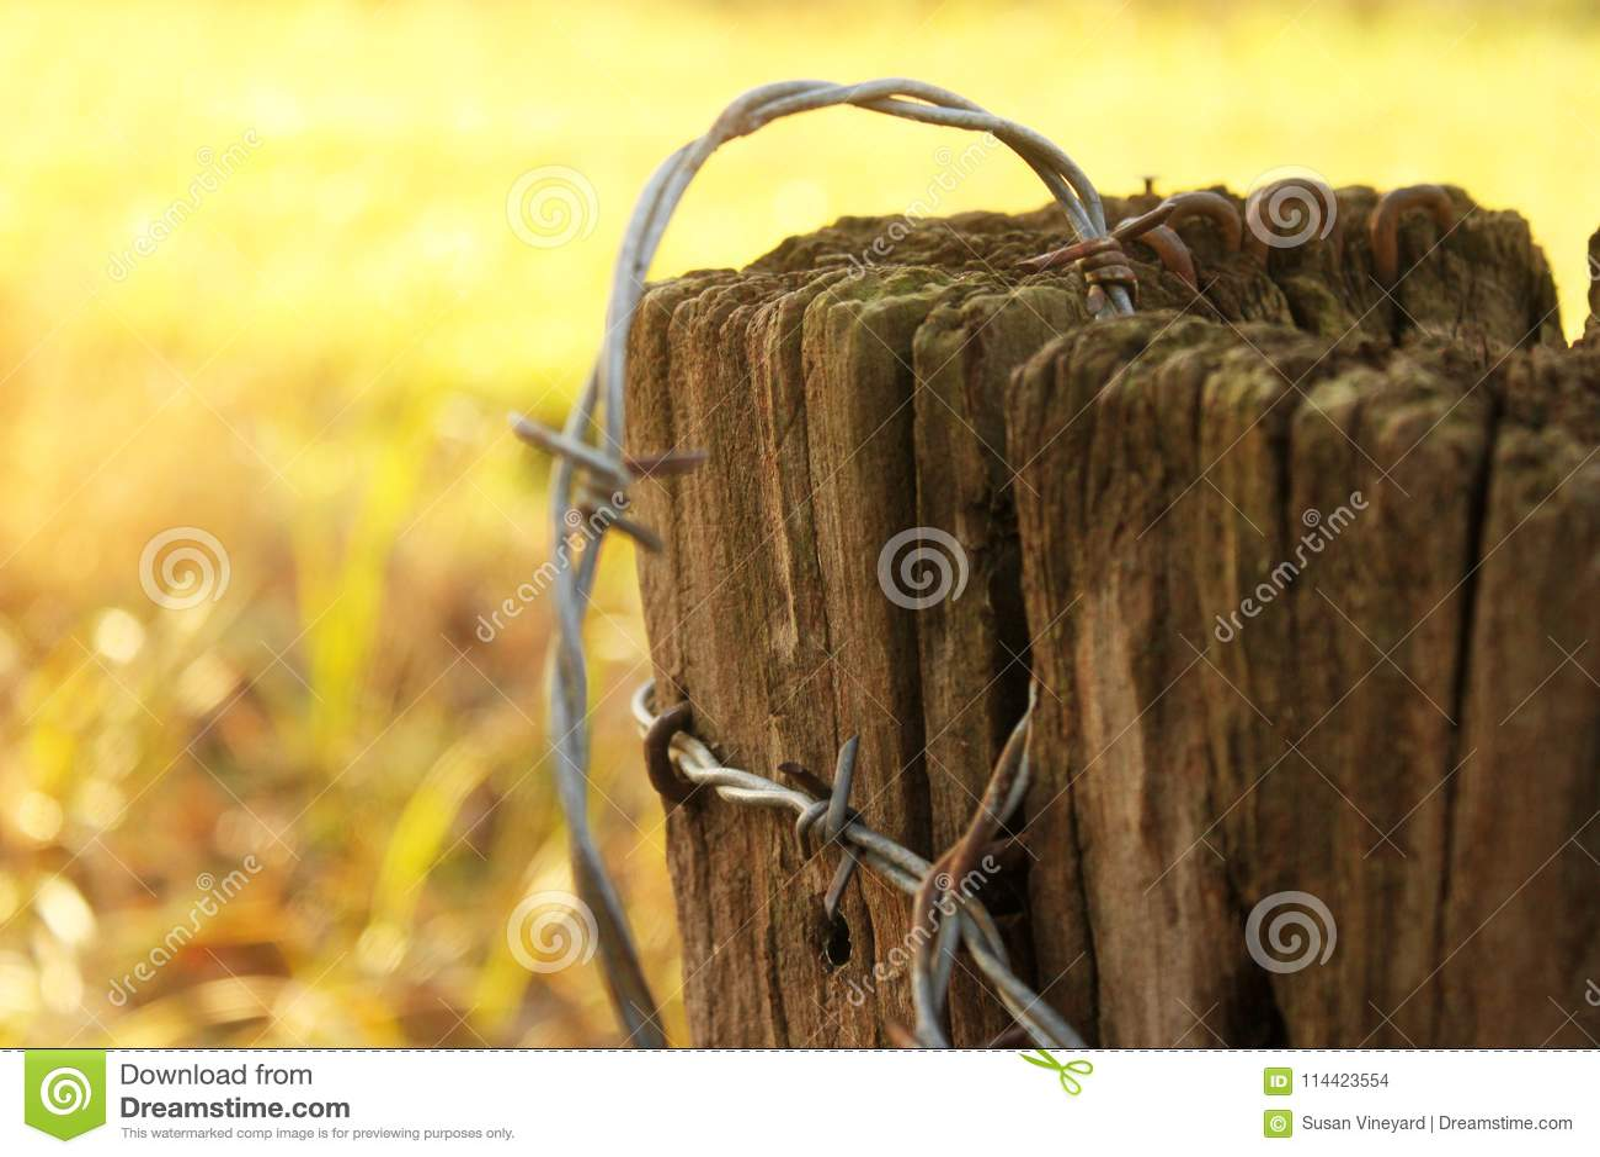 Roestig prikkeldraad op oude post - zeer ondiepe diepte van nadruk met de Herfst of de winter gele achtergrond